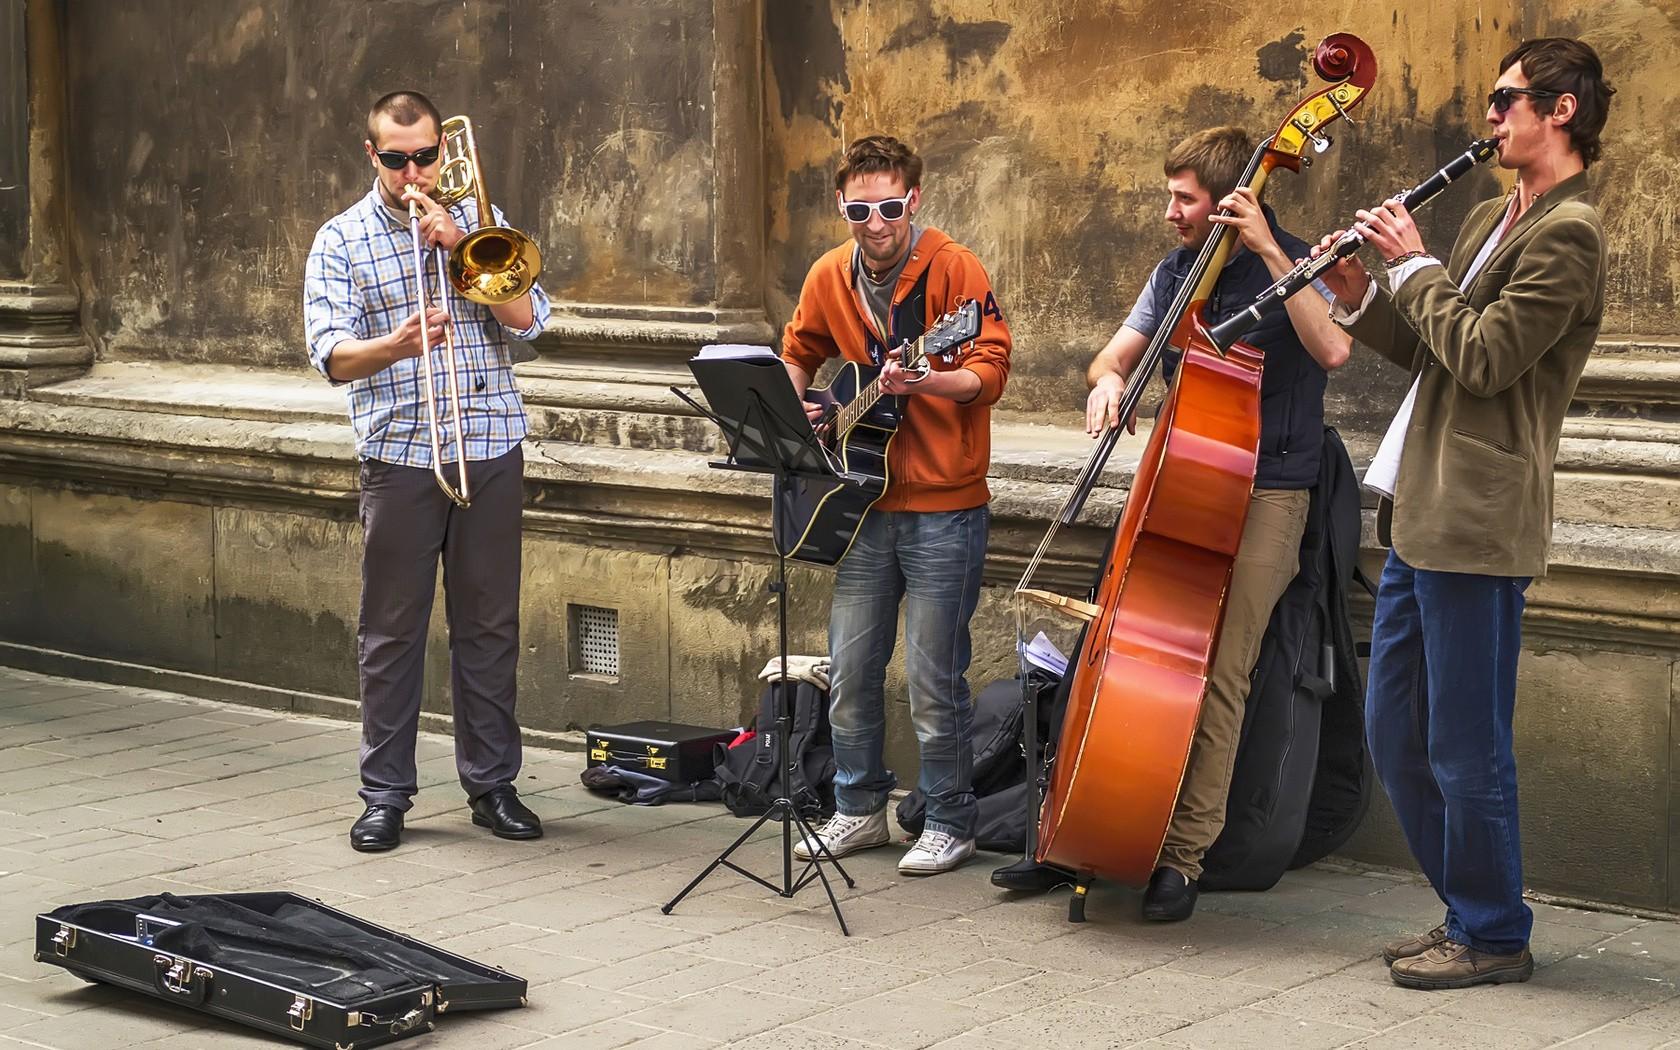 20мая вПетербурге проведут День уличной музыки